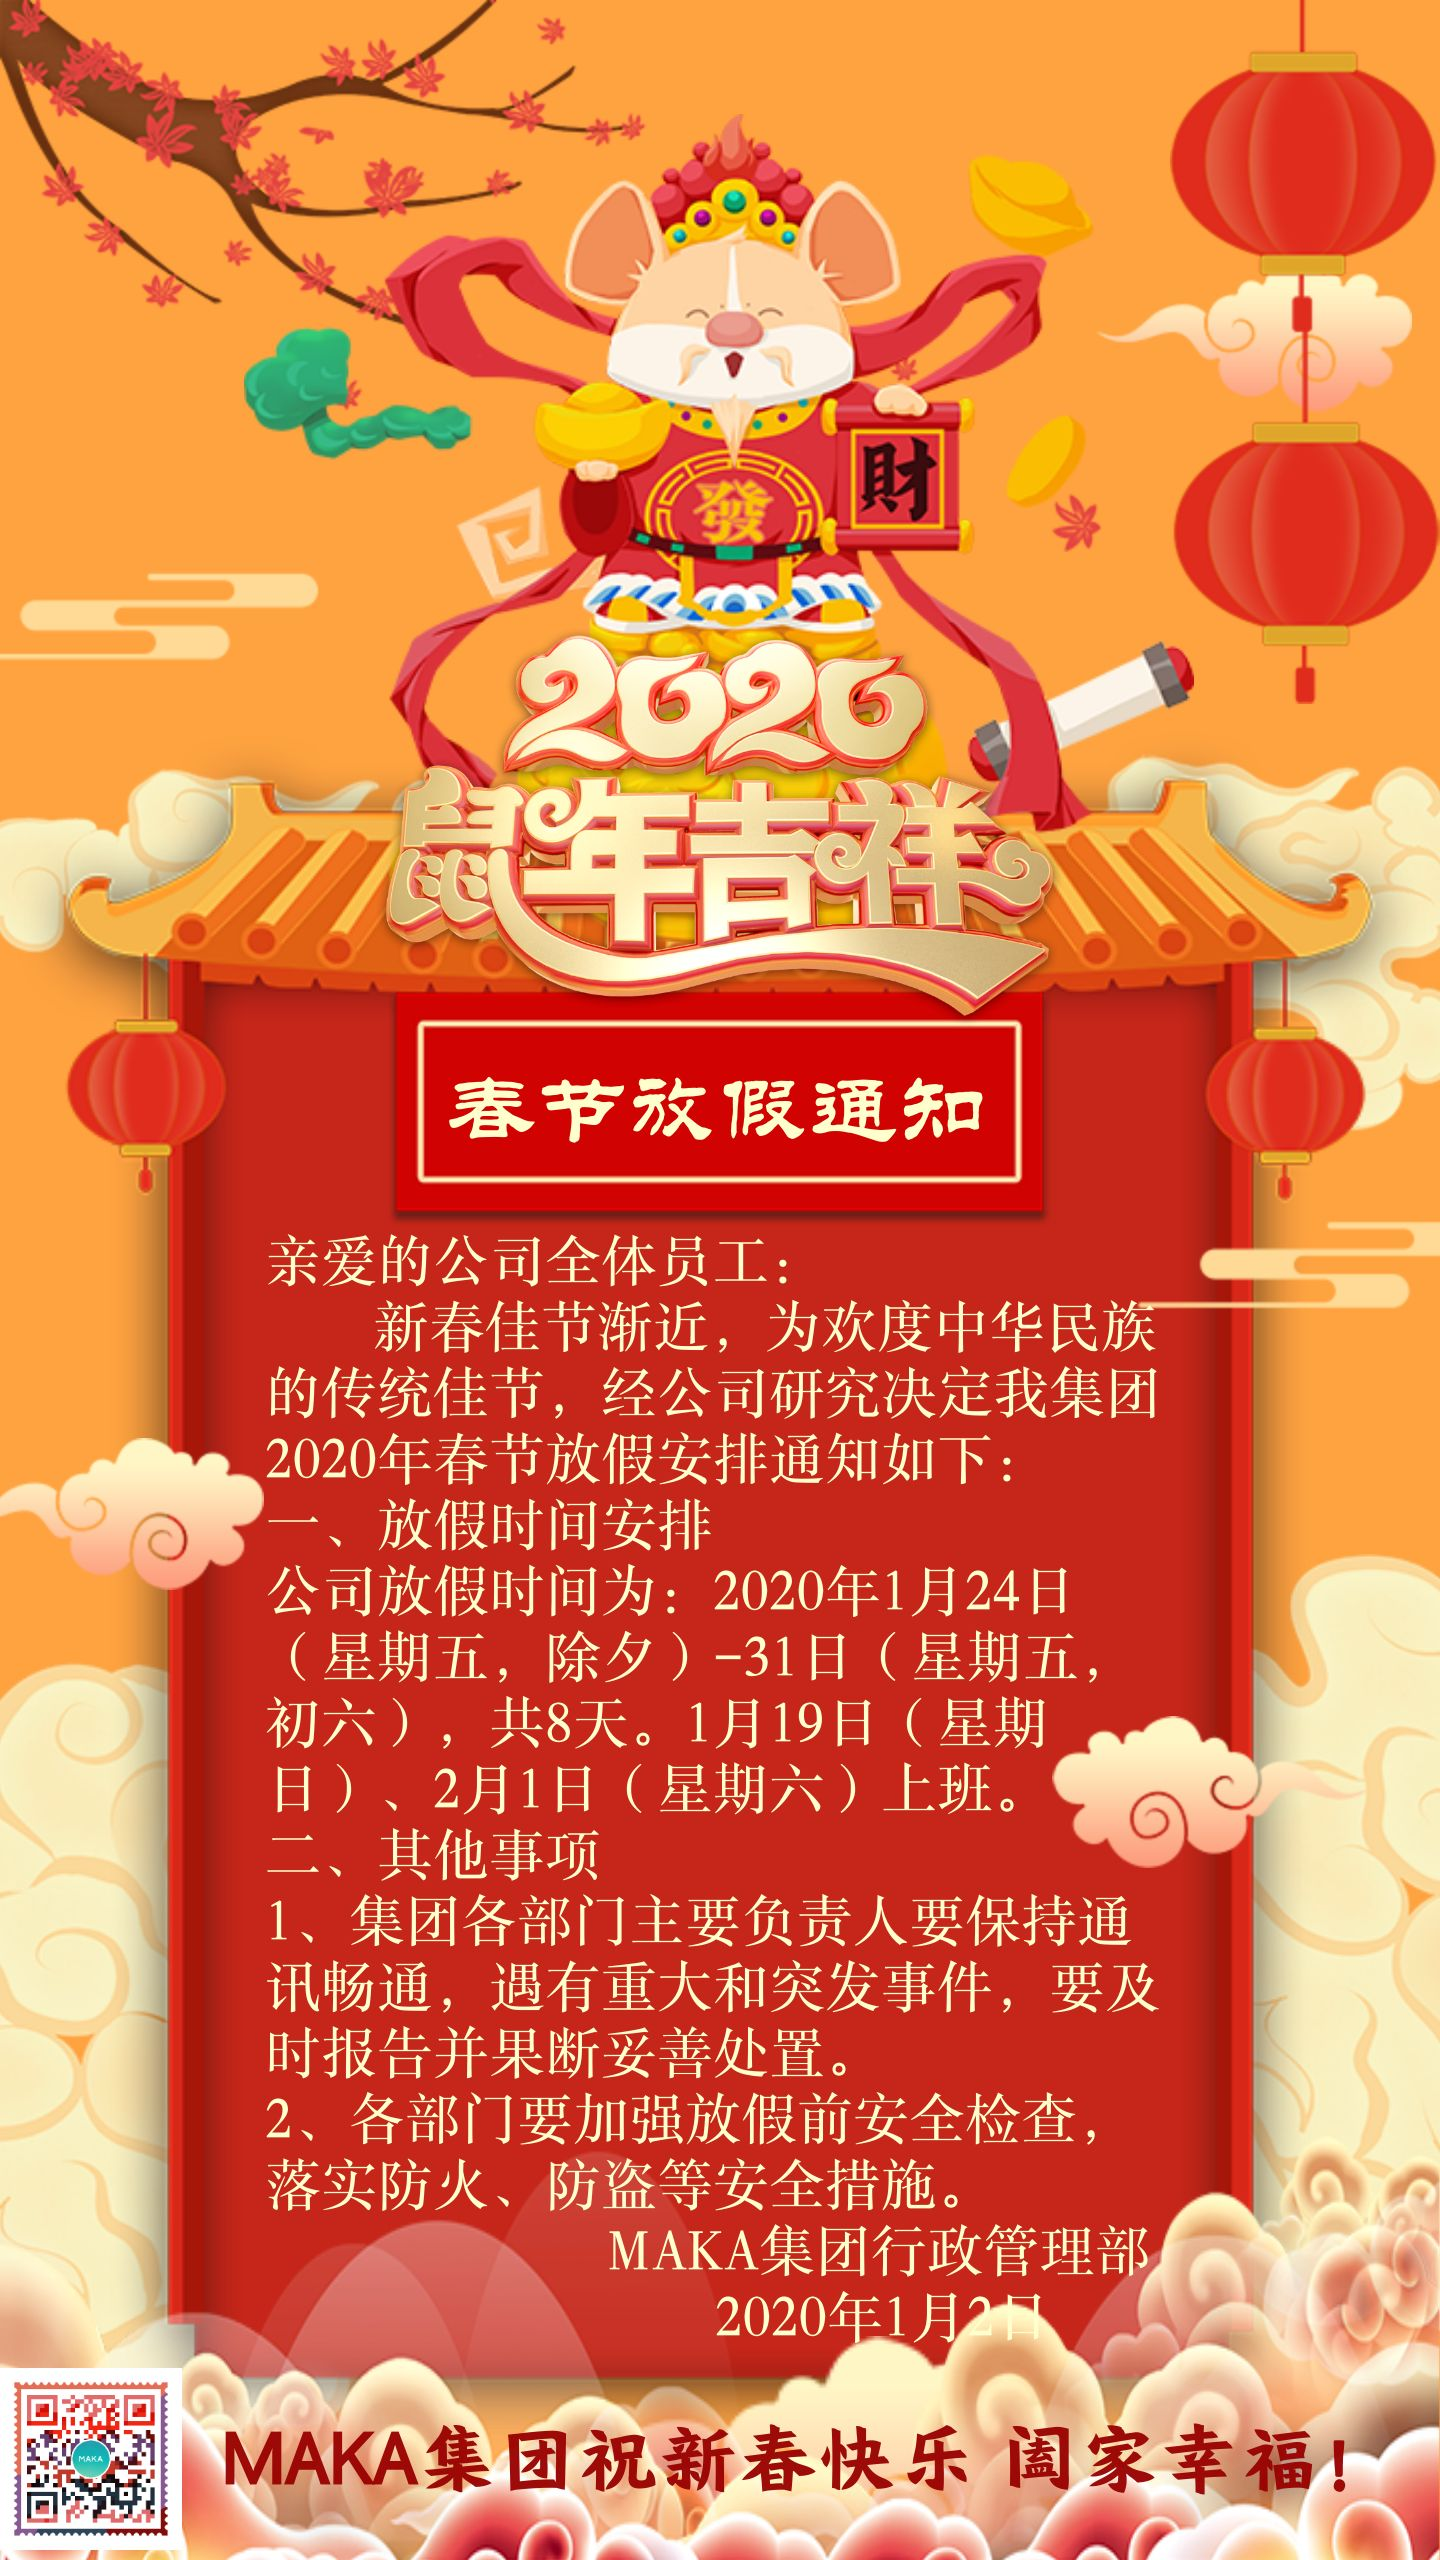 红色喜庆中国风传统节日春节节各企事业单位学校放假通知宣传海报